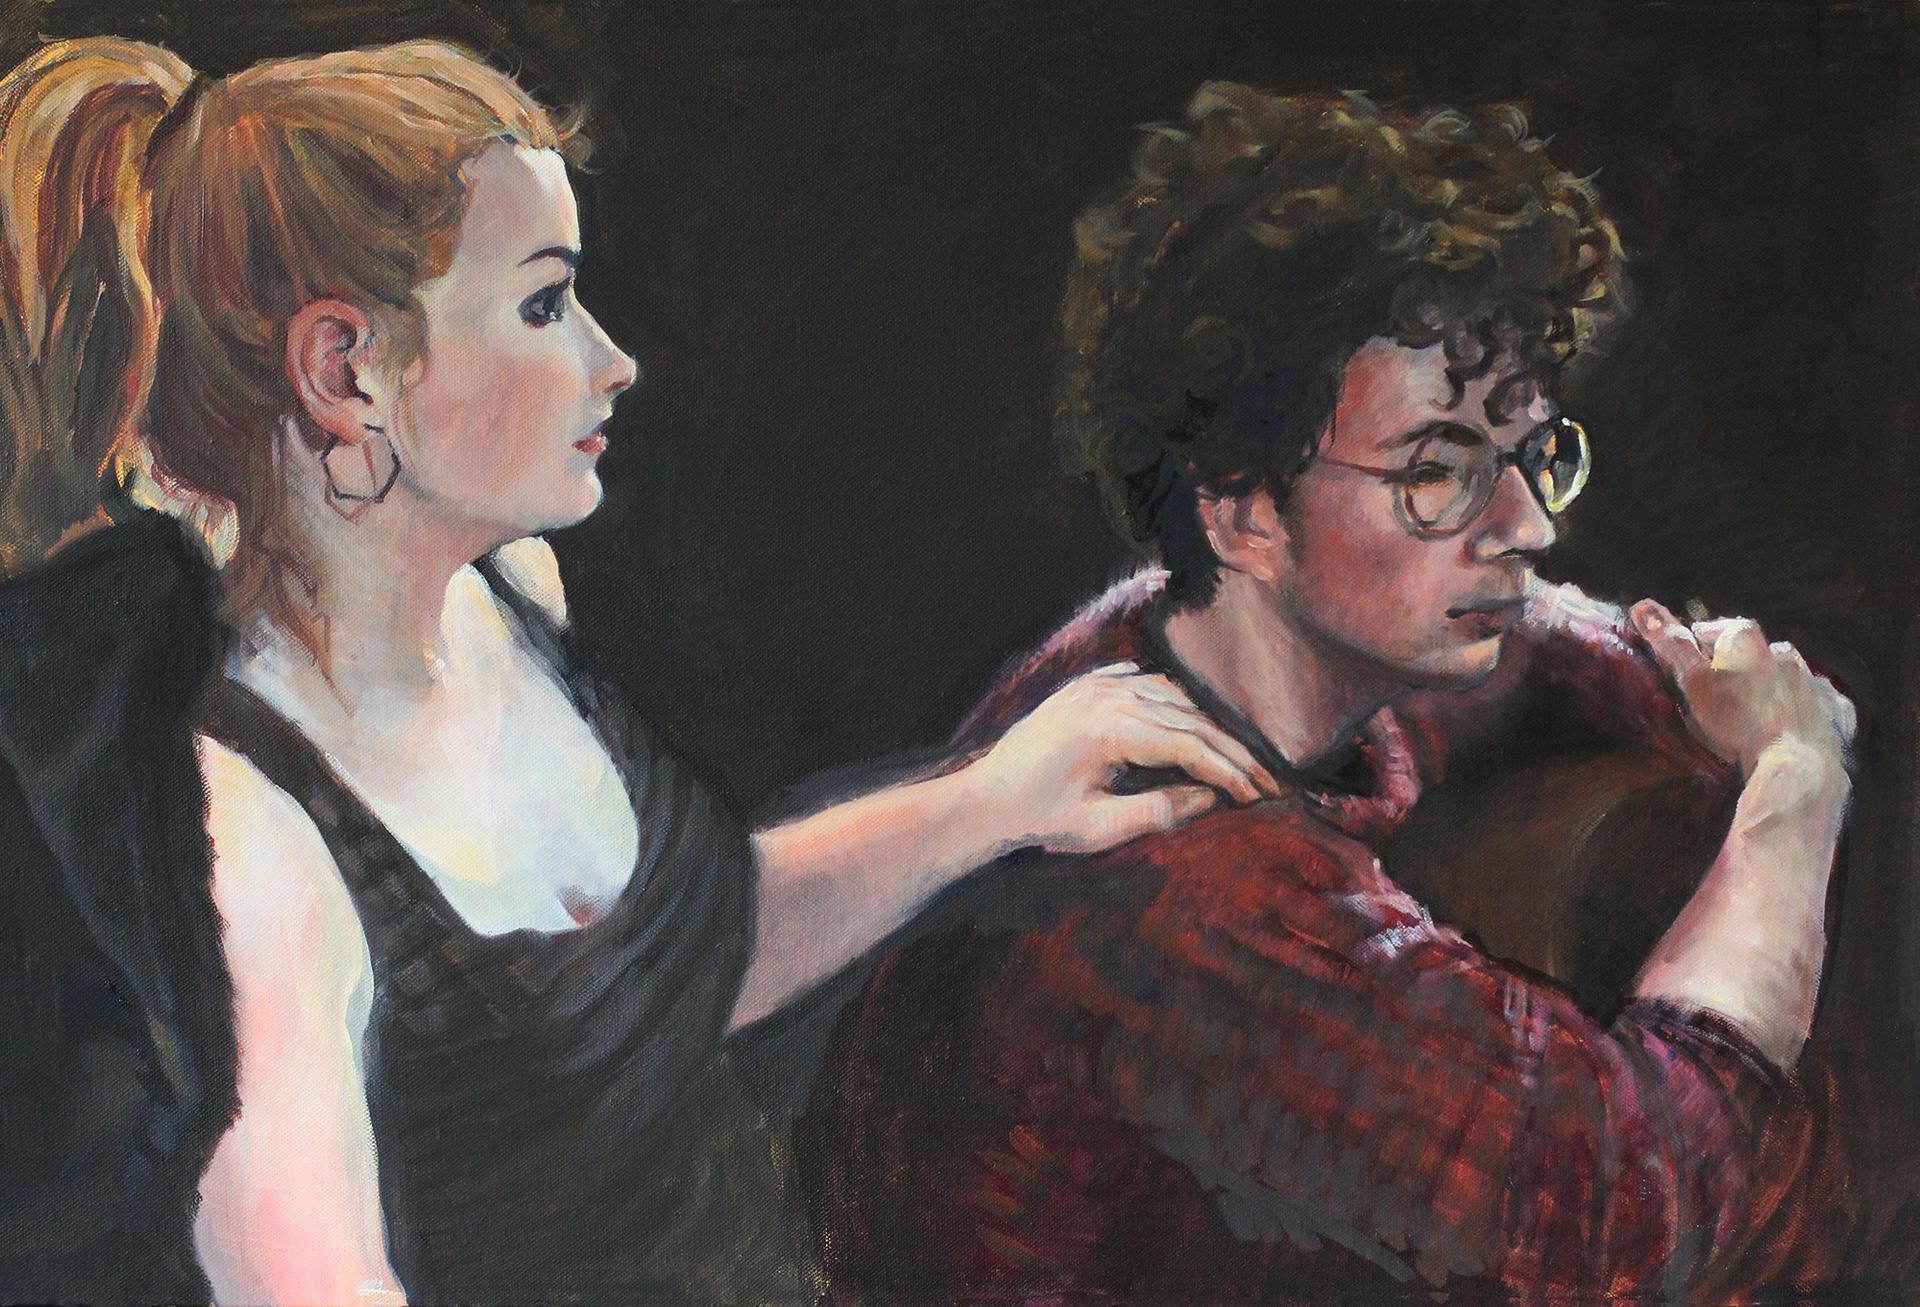 Karen and Peter